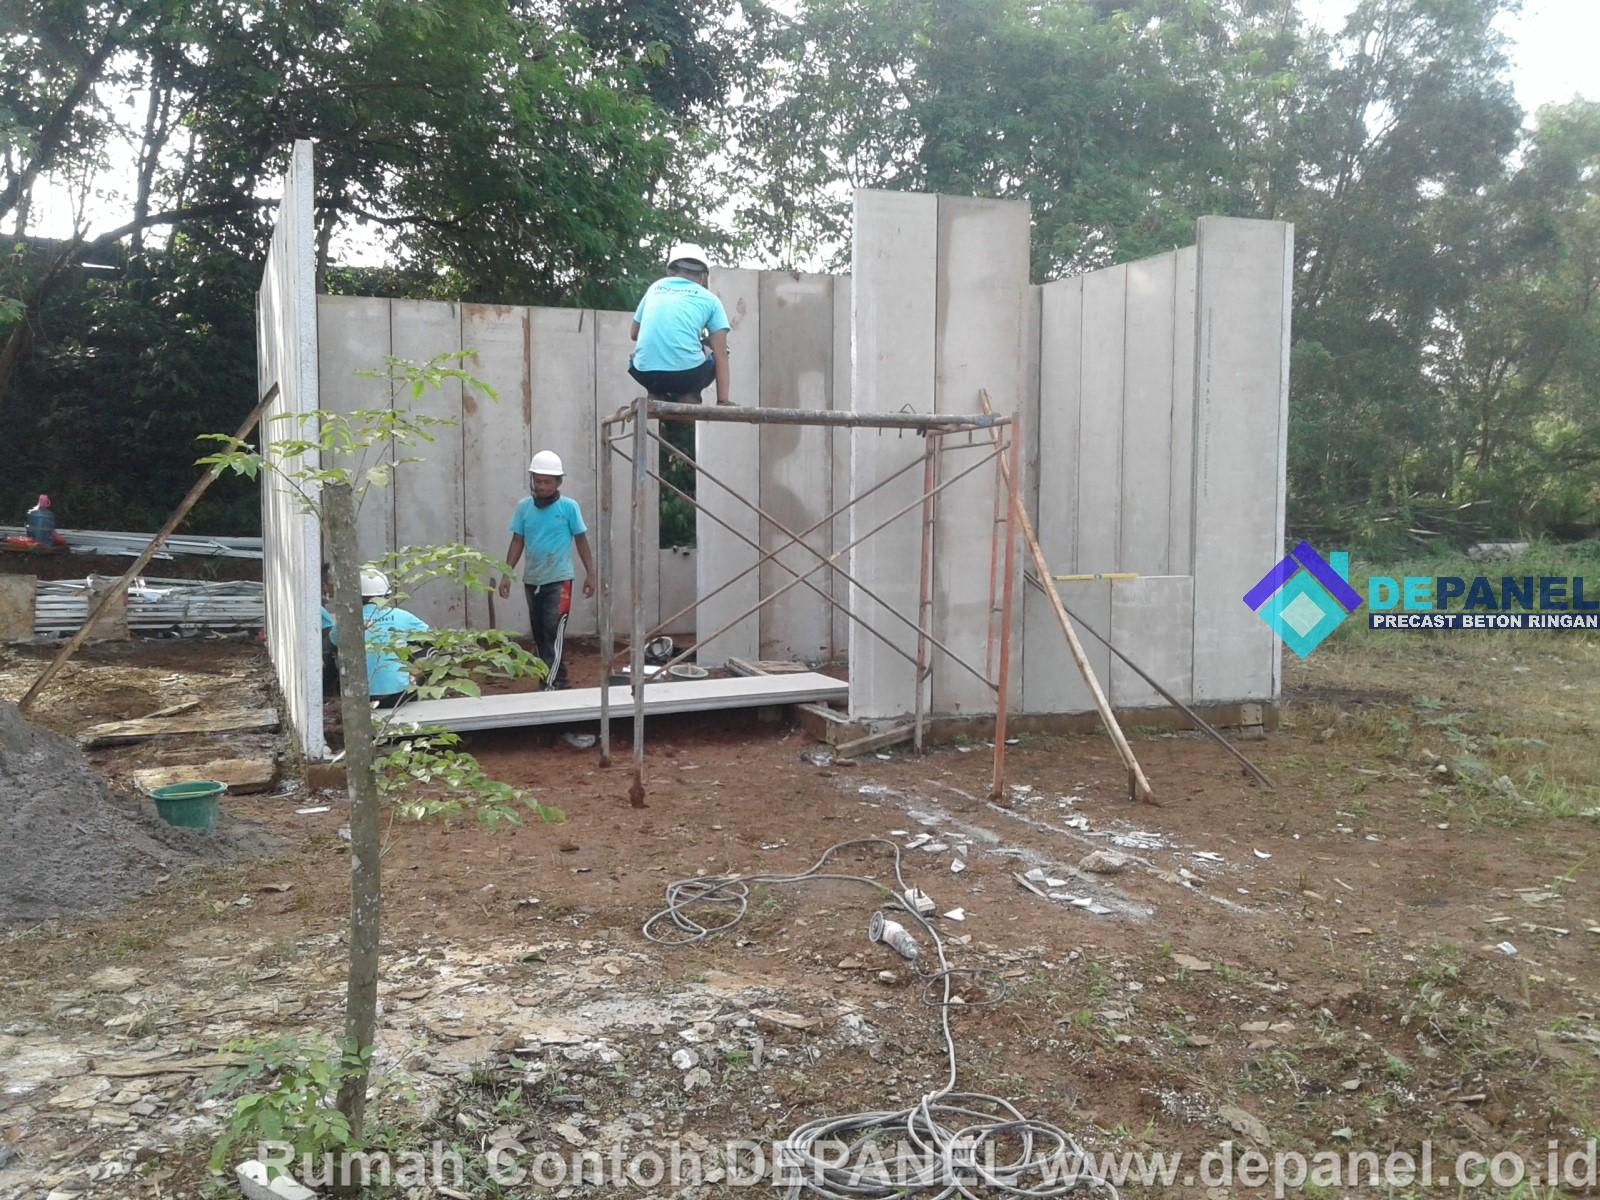 panel, beton, ringan, rumah contoh, depanel,rumahcepat, rumah cepat, precast